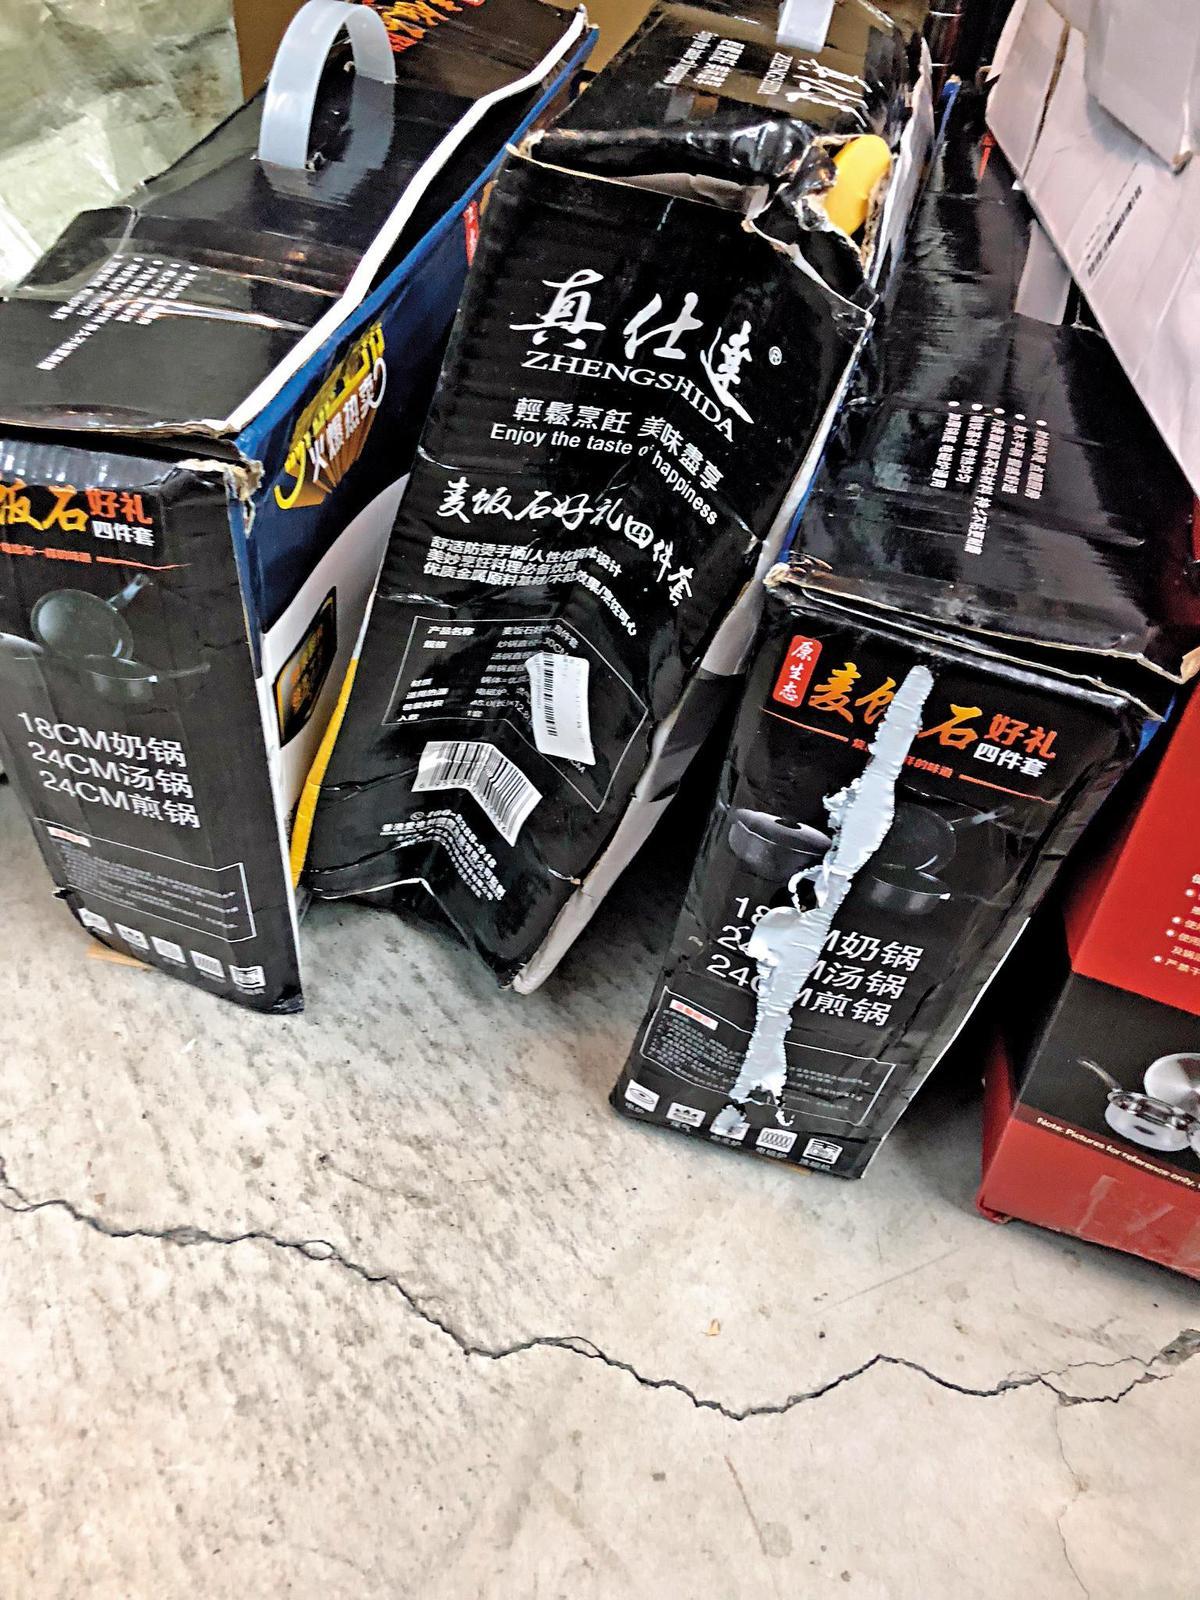 炒菜鍋外盒扁塌,屢遭主婦打槍,而且1只鍋成本就要550元,乏人問津。(讀者提供)